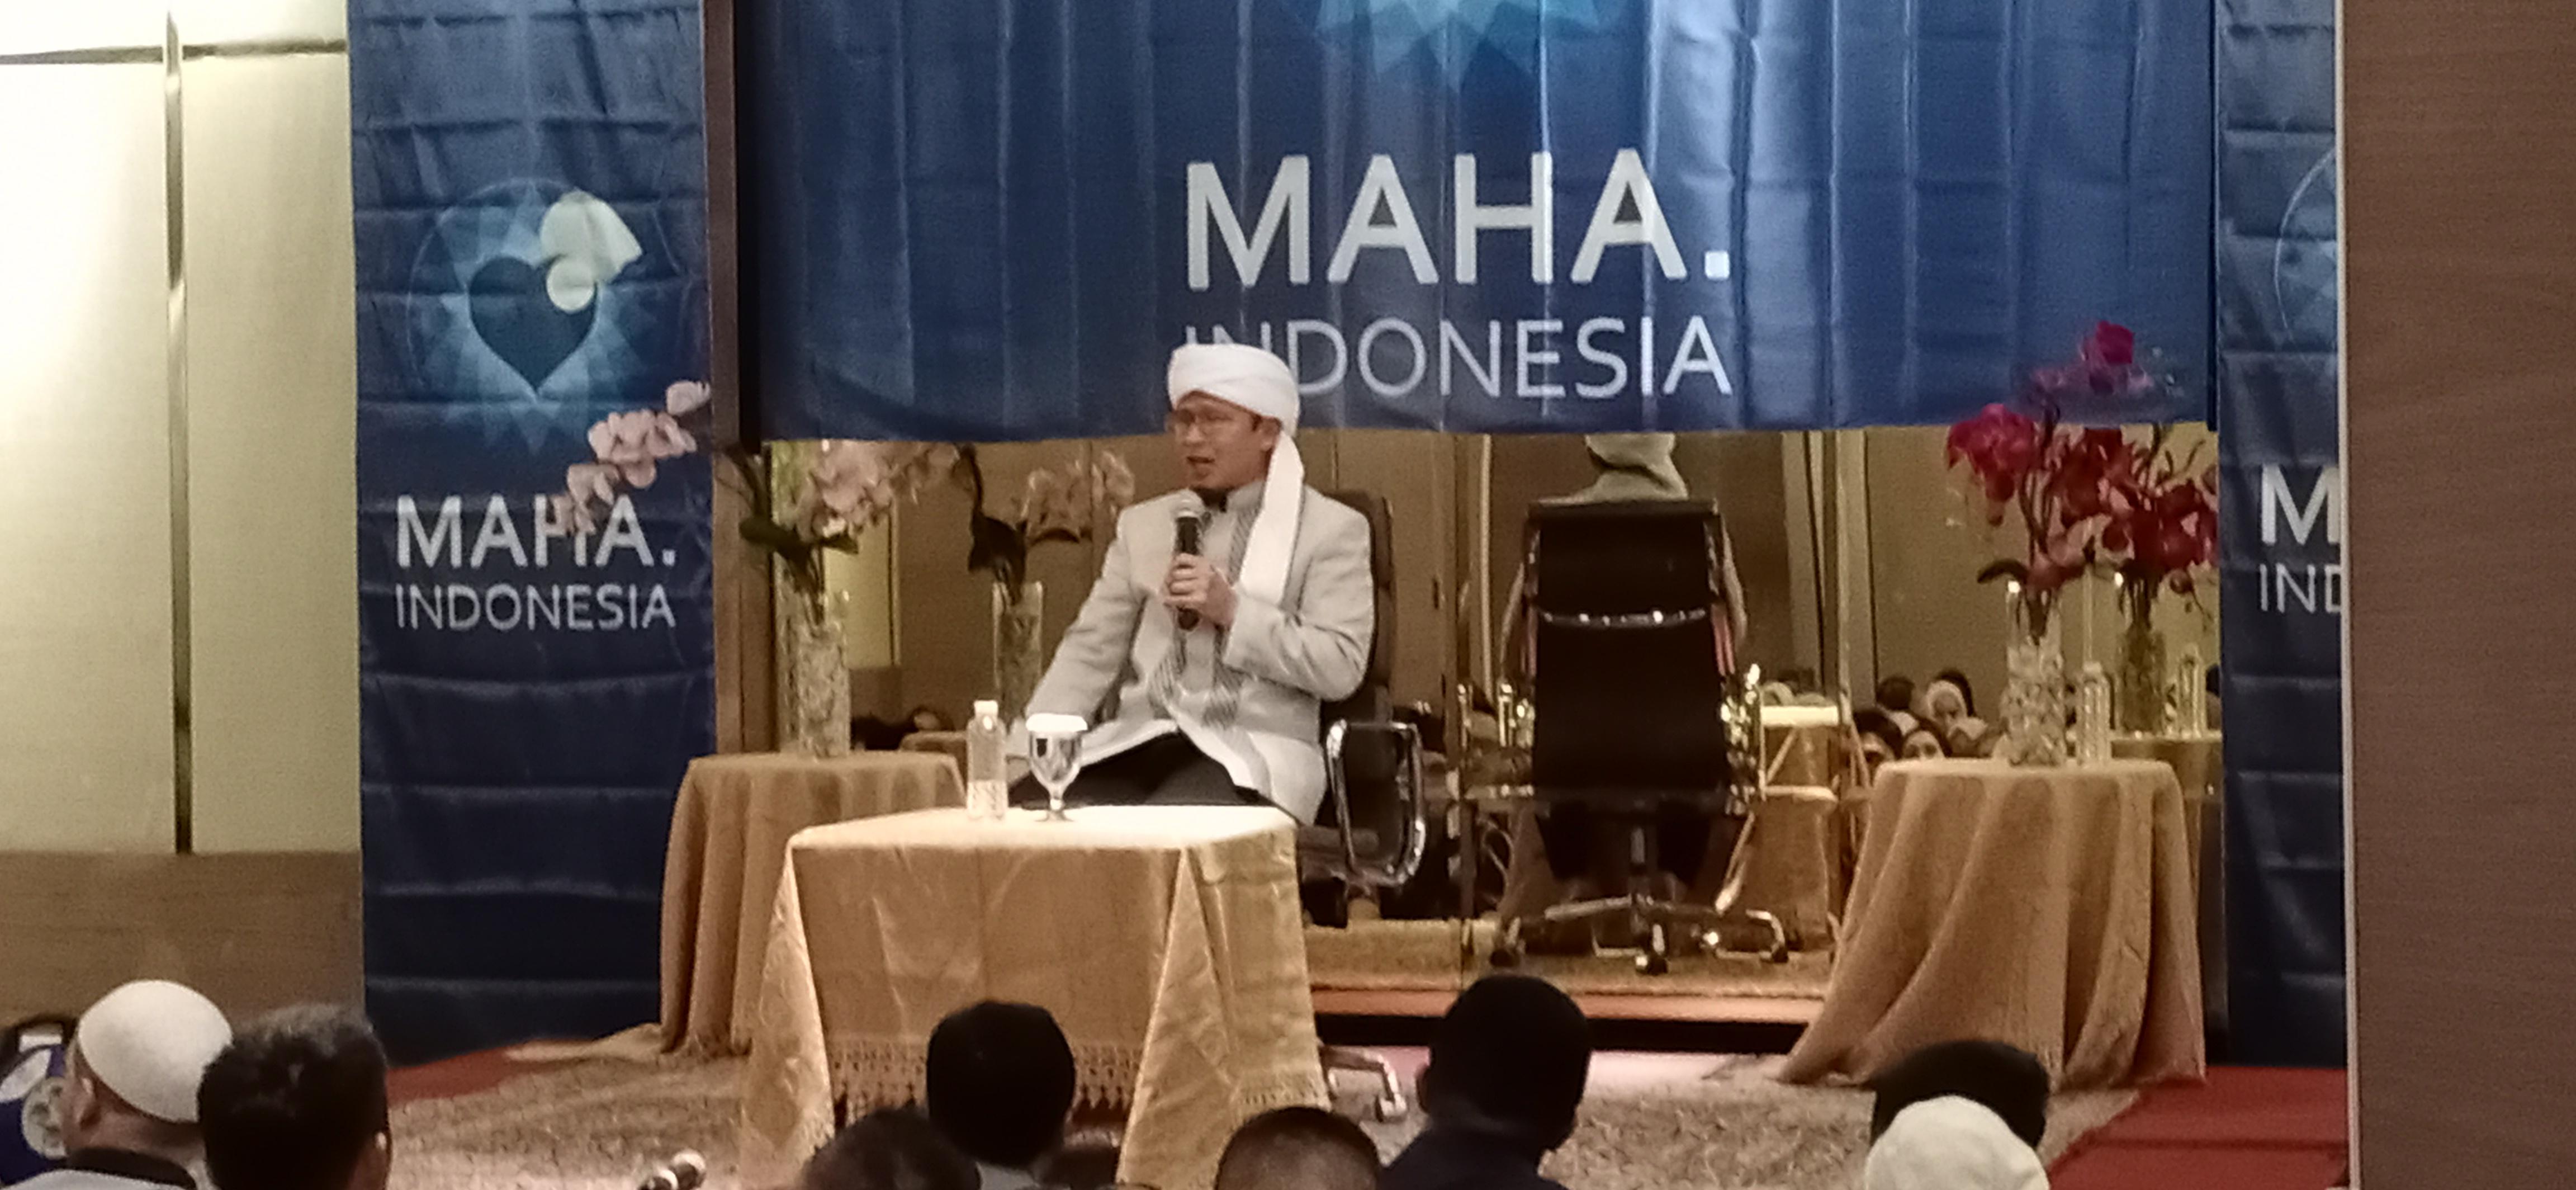 Maha.Indonesia Gelar Kajian Islam Dwi Bulanan